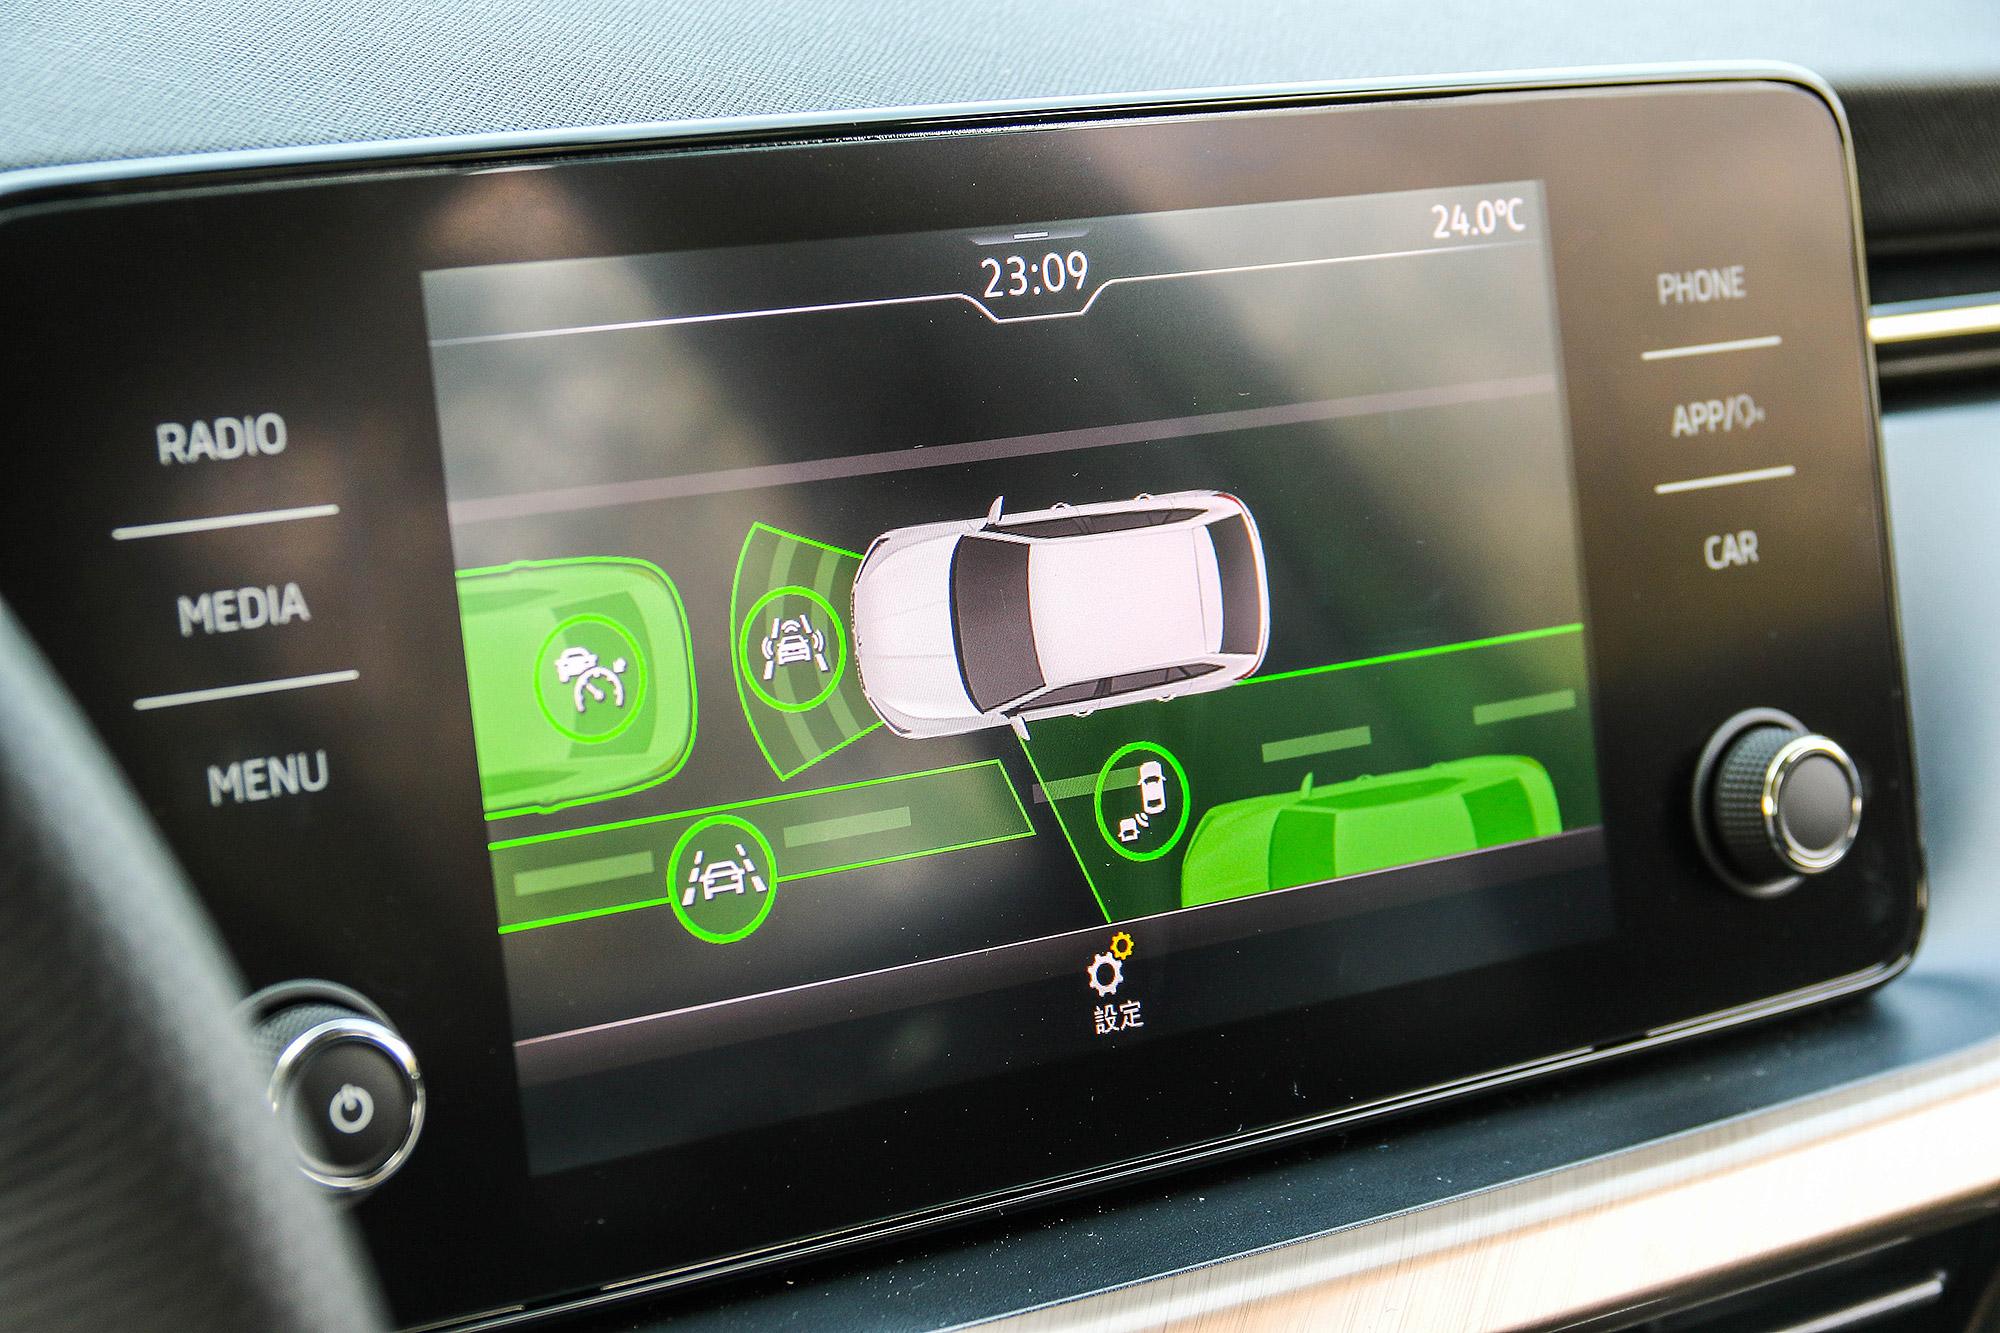 Scala 同樣配備有完整的 ADAS 先進駕駛輔助系統。